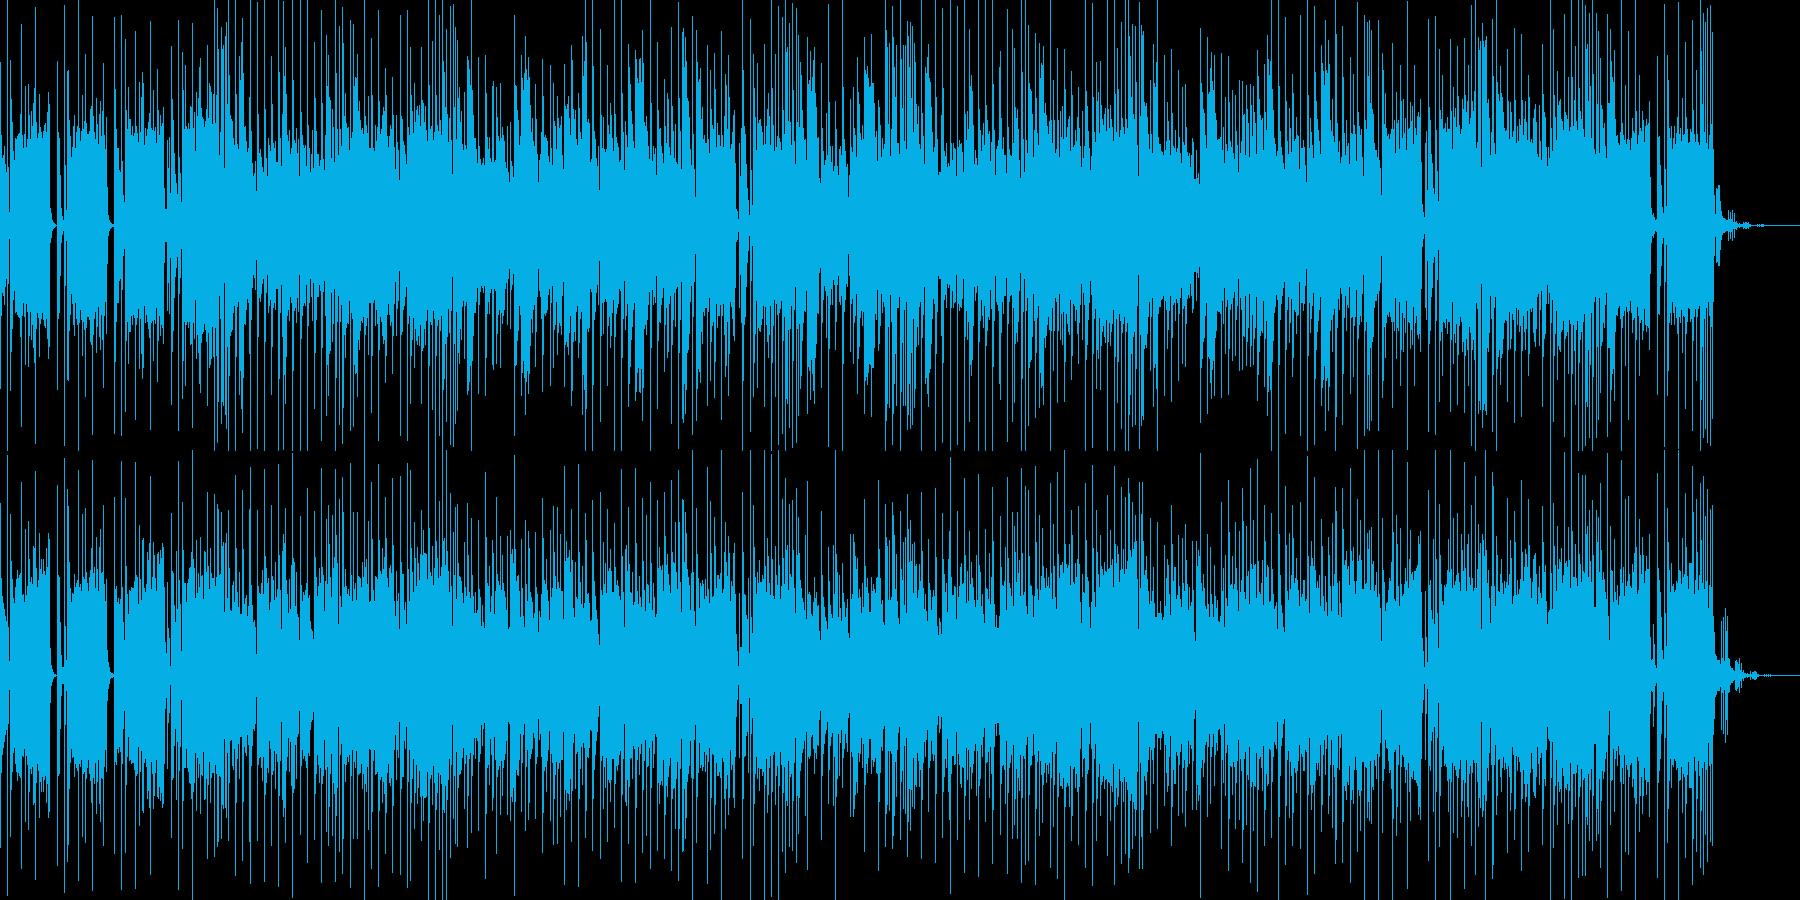 テクノハウス系のリズムに和風なメロディの再生済みの波形